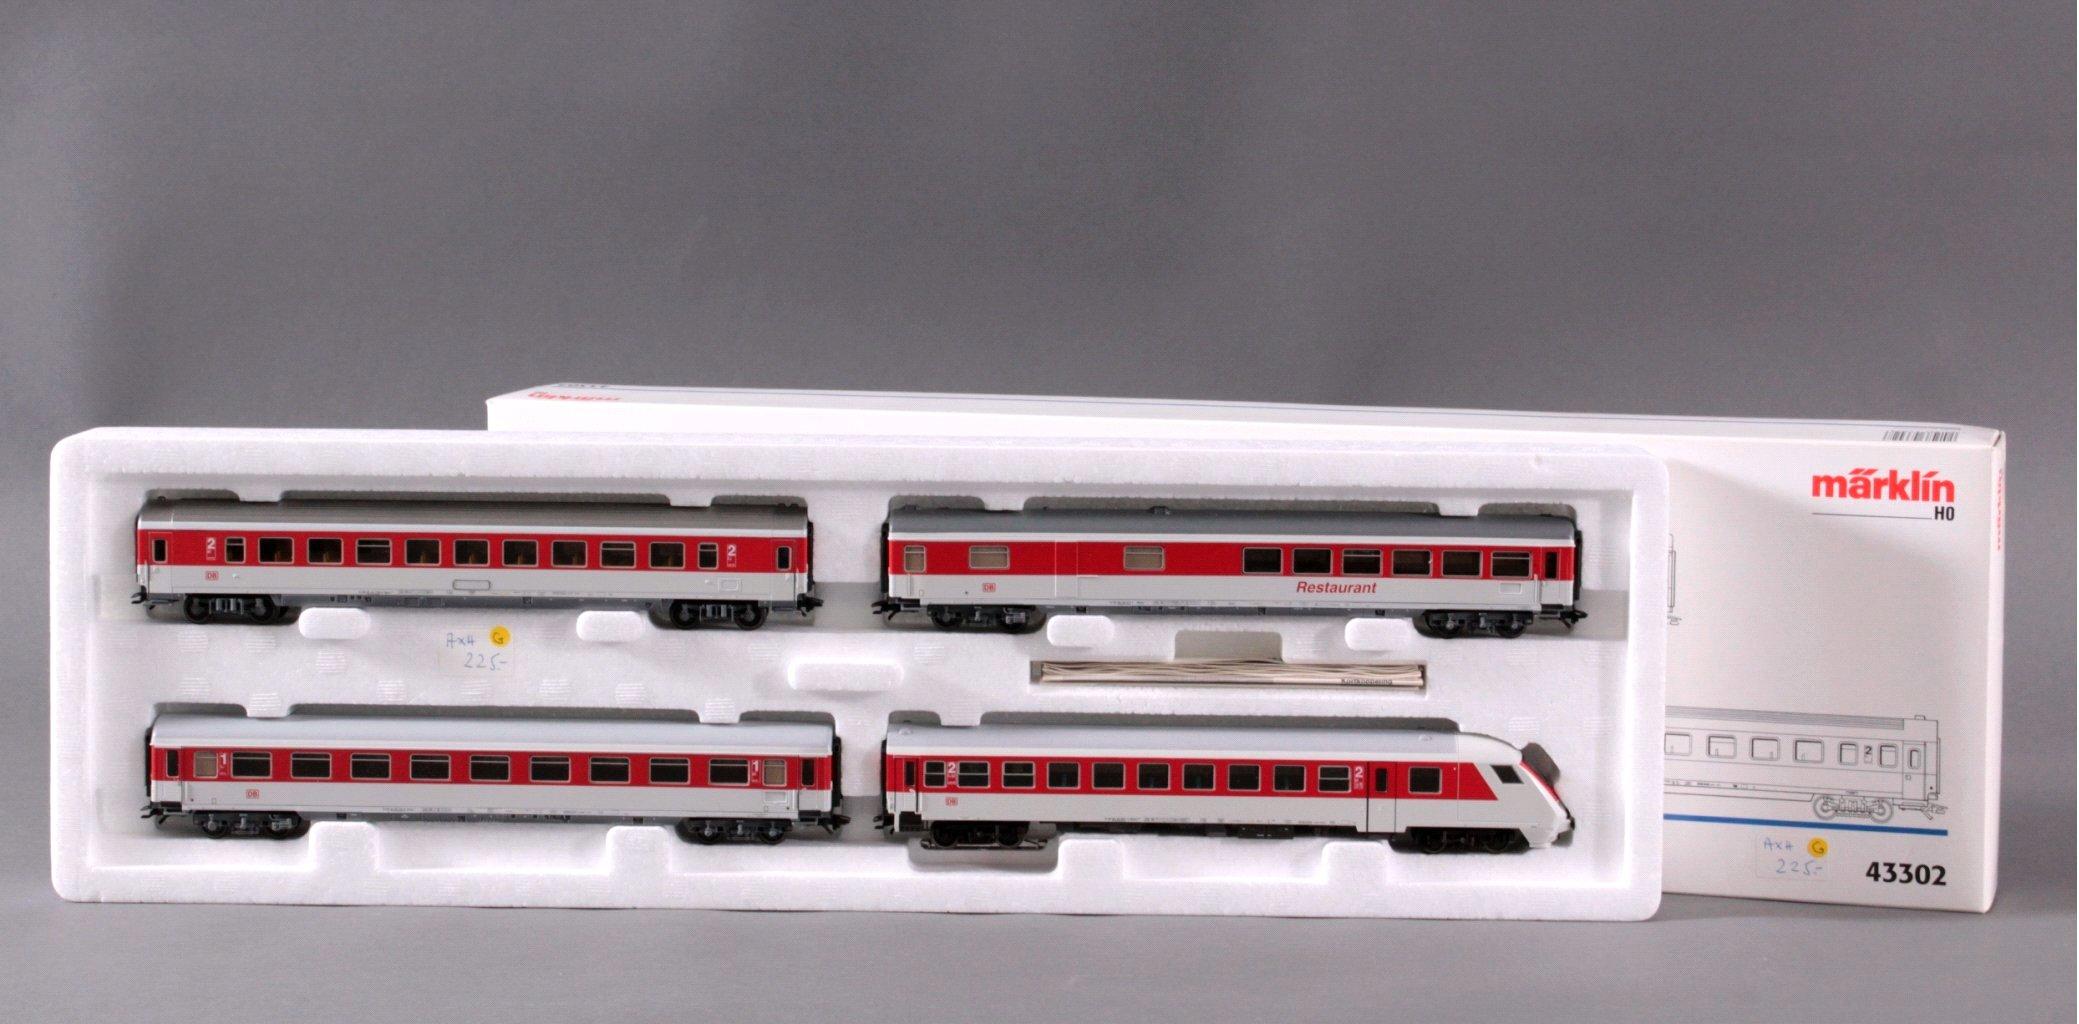 MÄRKLIN H0 43302 Wagen Set Neue Intercity Farben